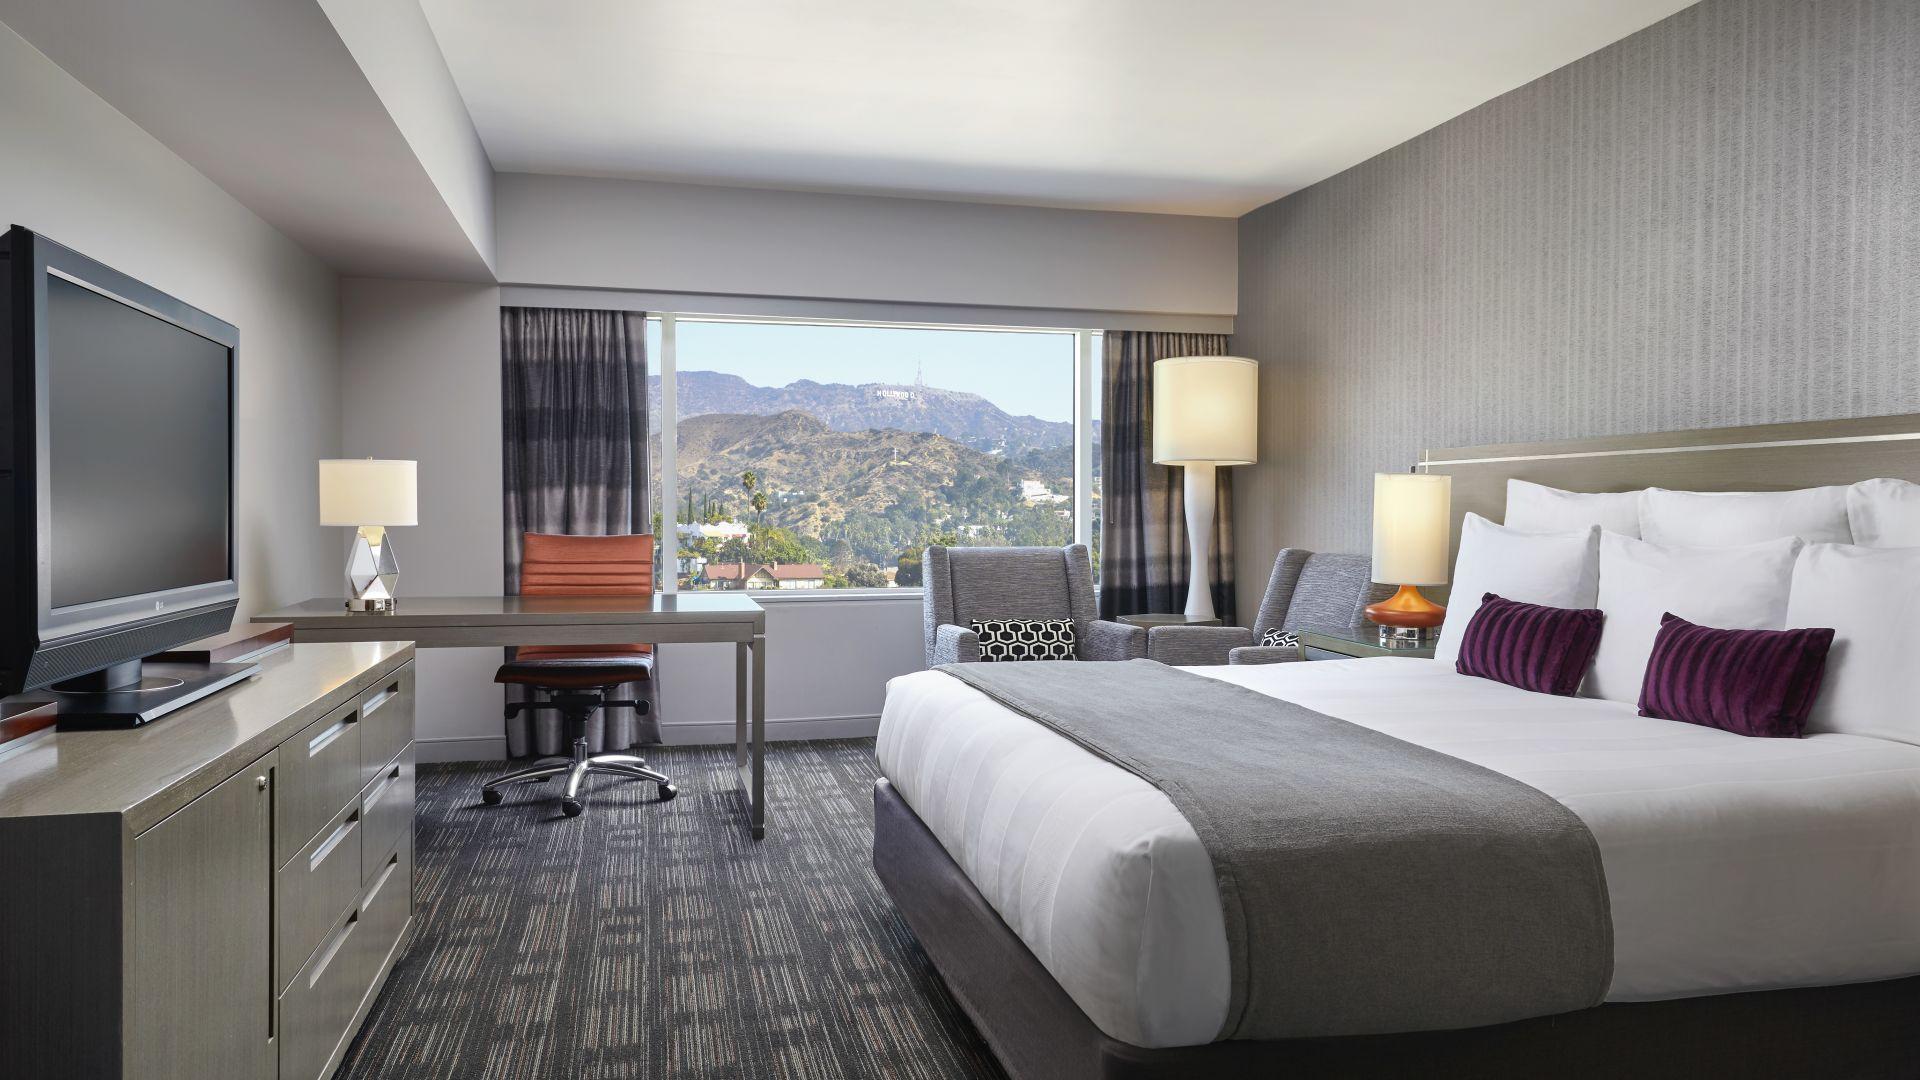 King con vista al letrero Hollywood | Loews Hollywood Hotel